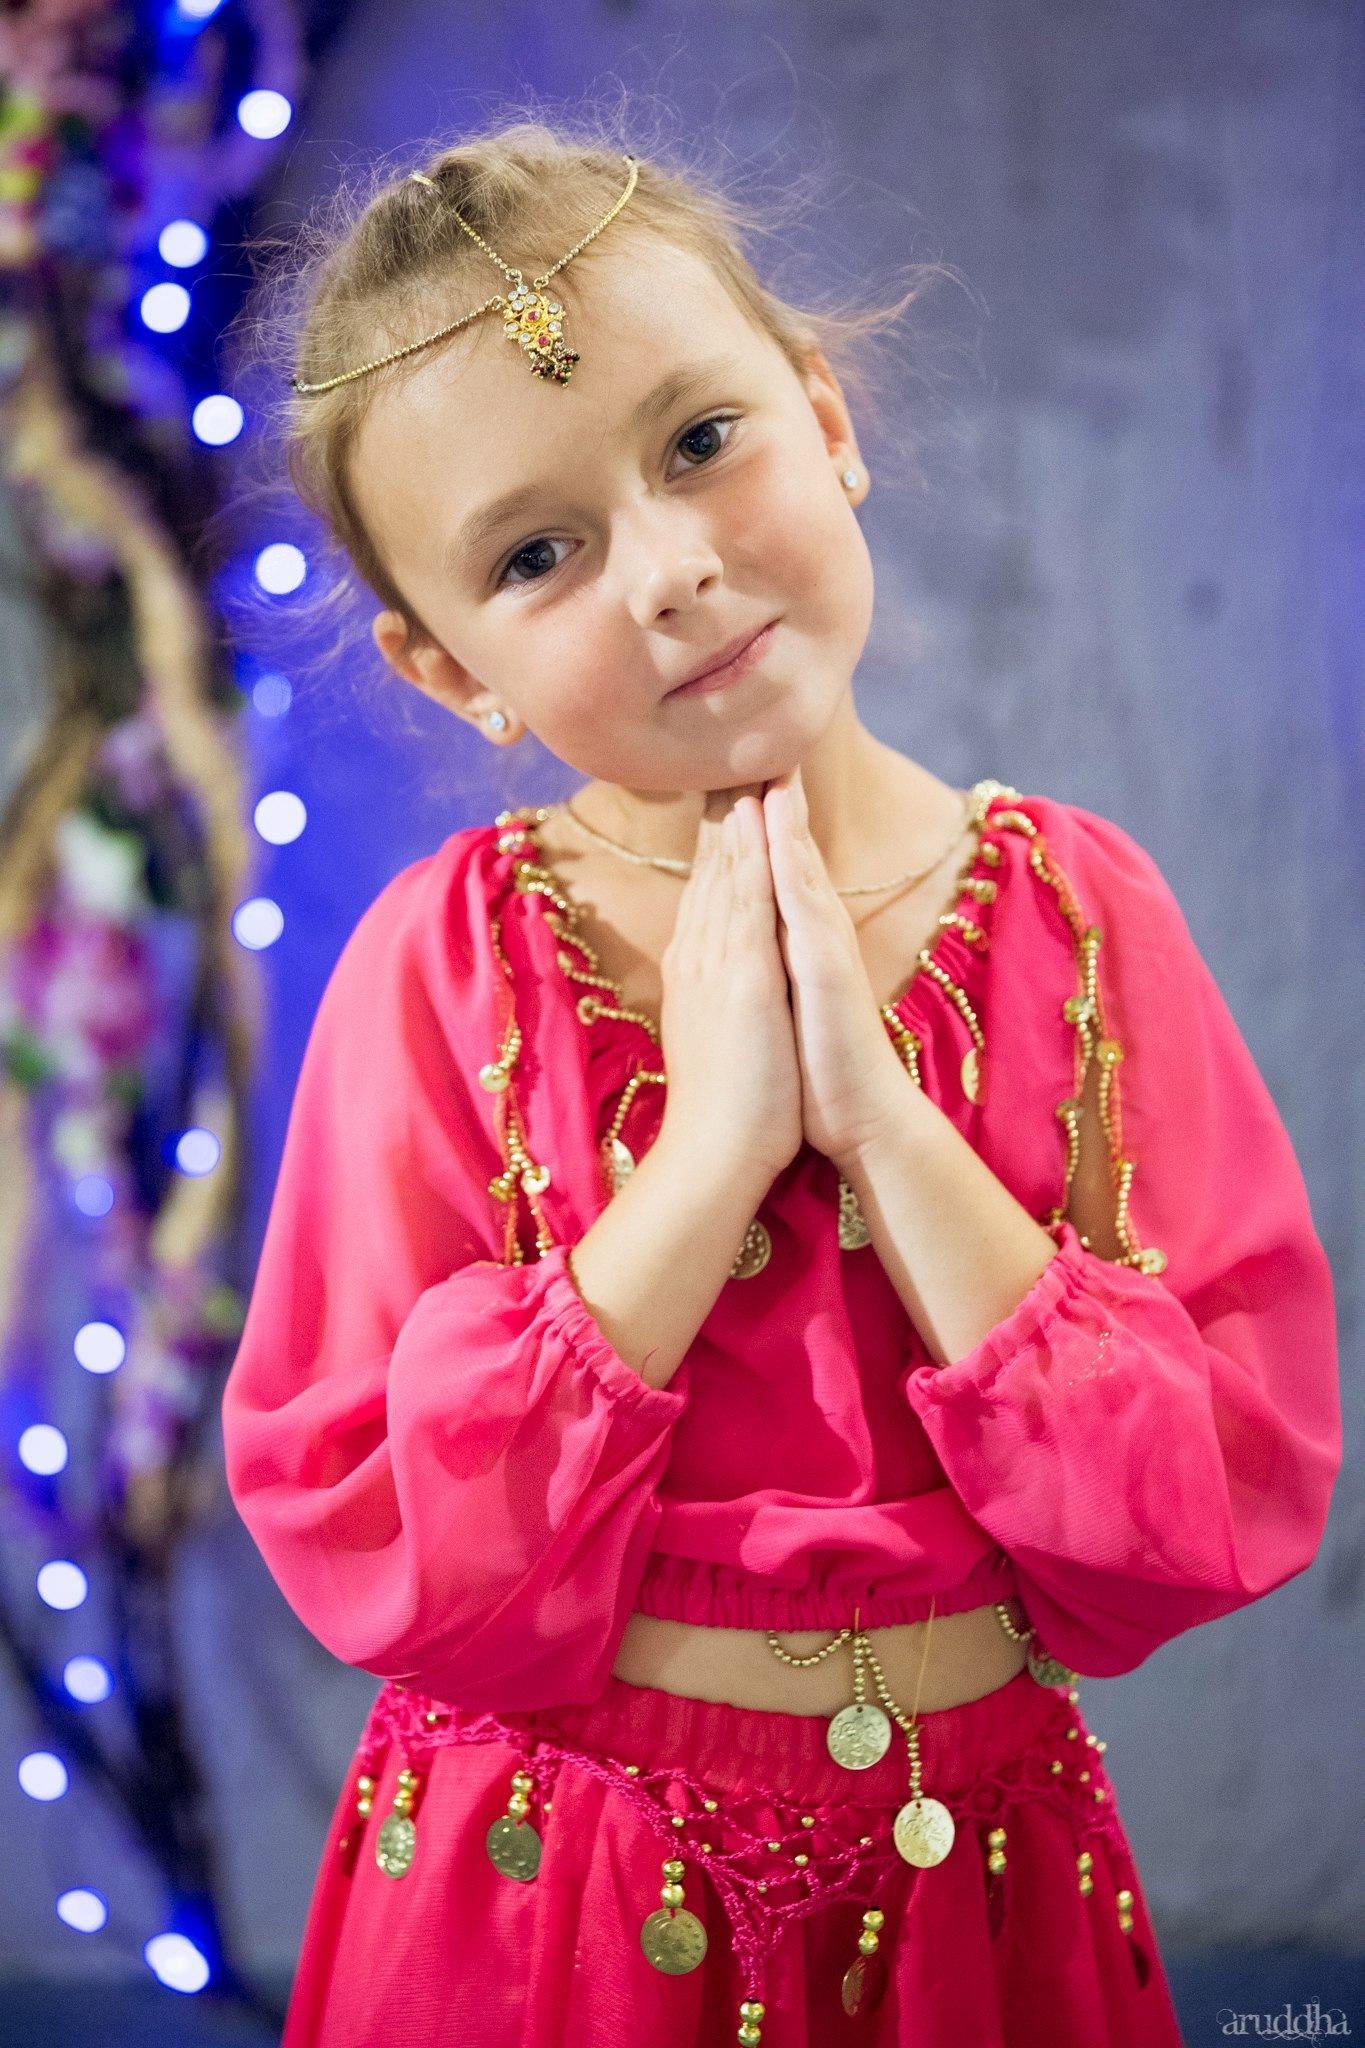 Little Girl by Aradhya gauranga